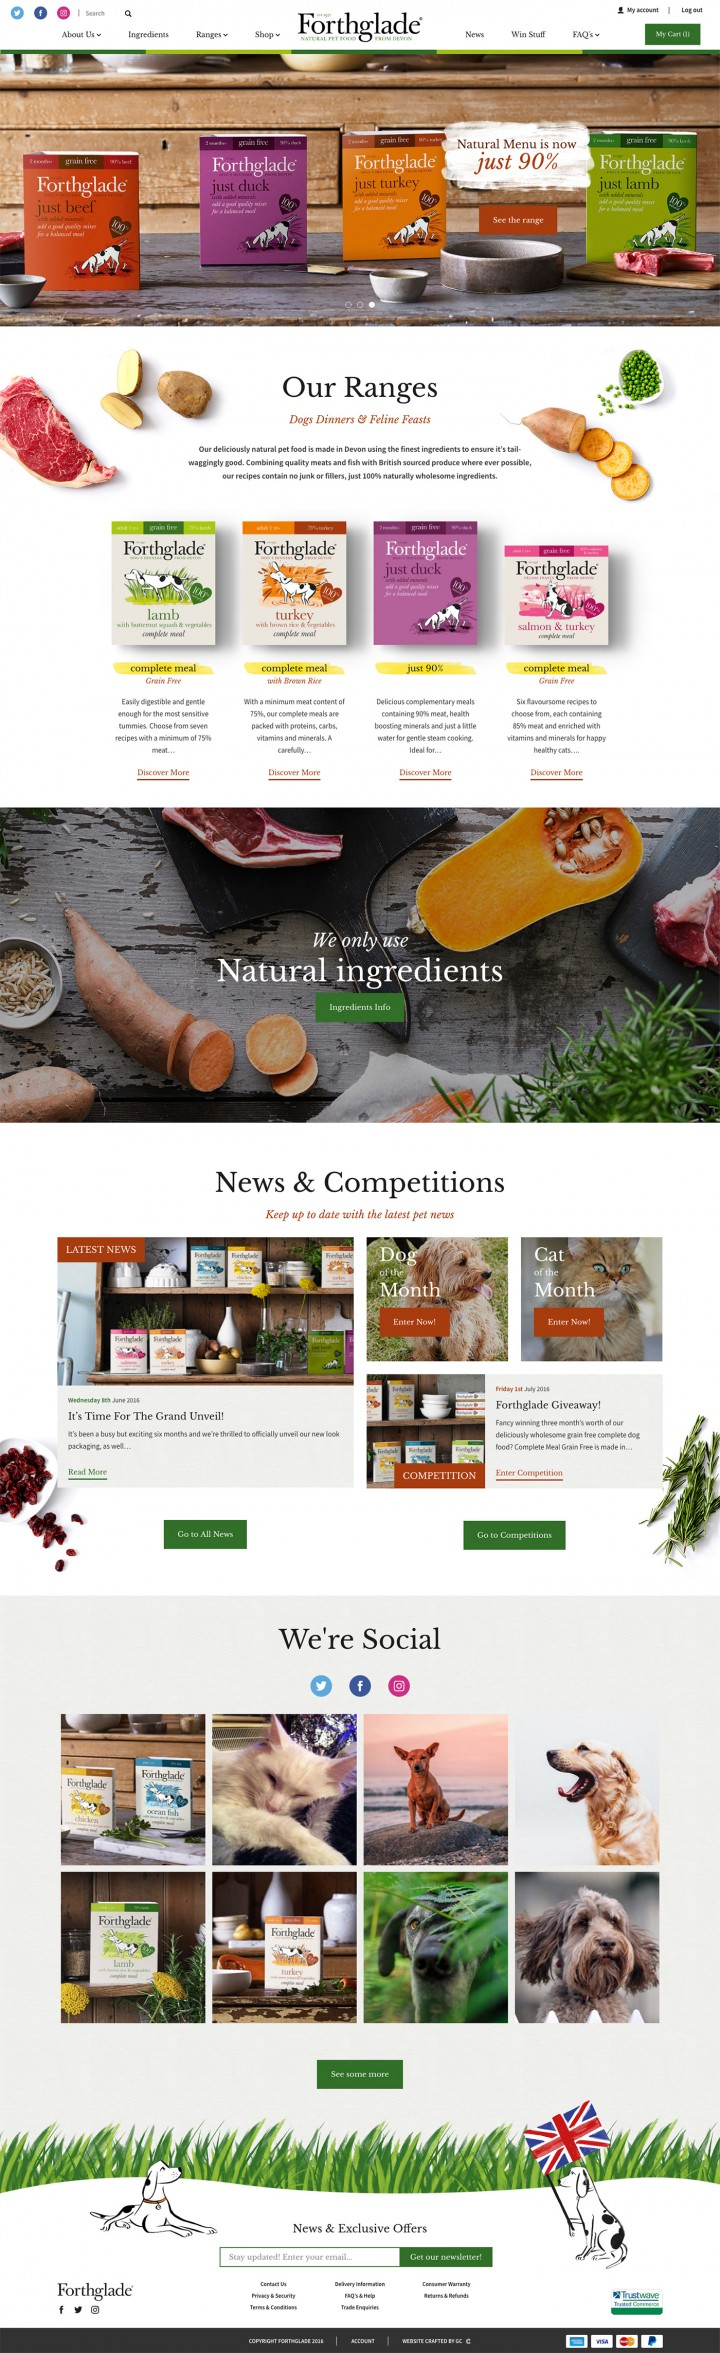 Forthglade Ecommerce Web Design